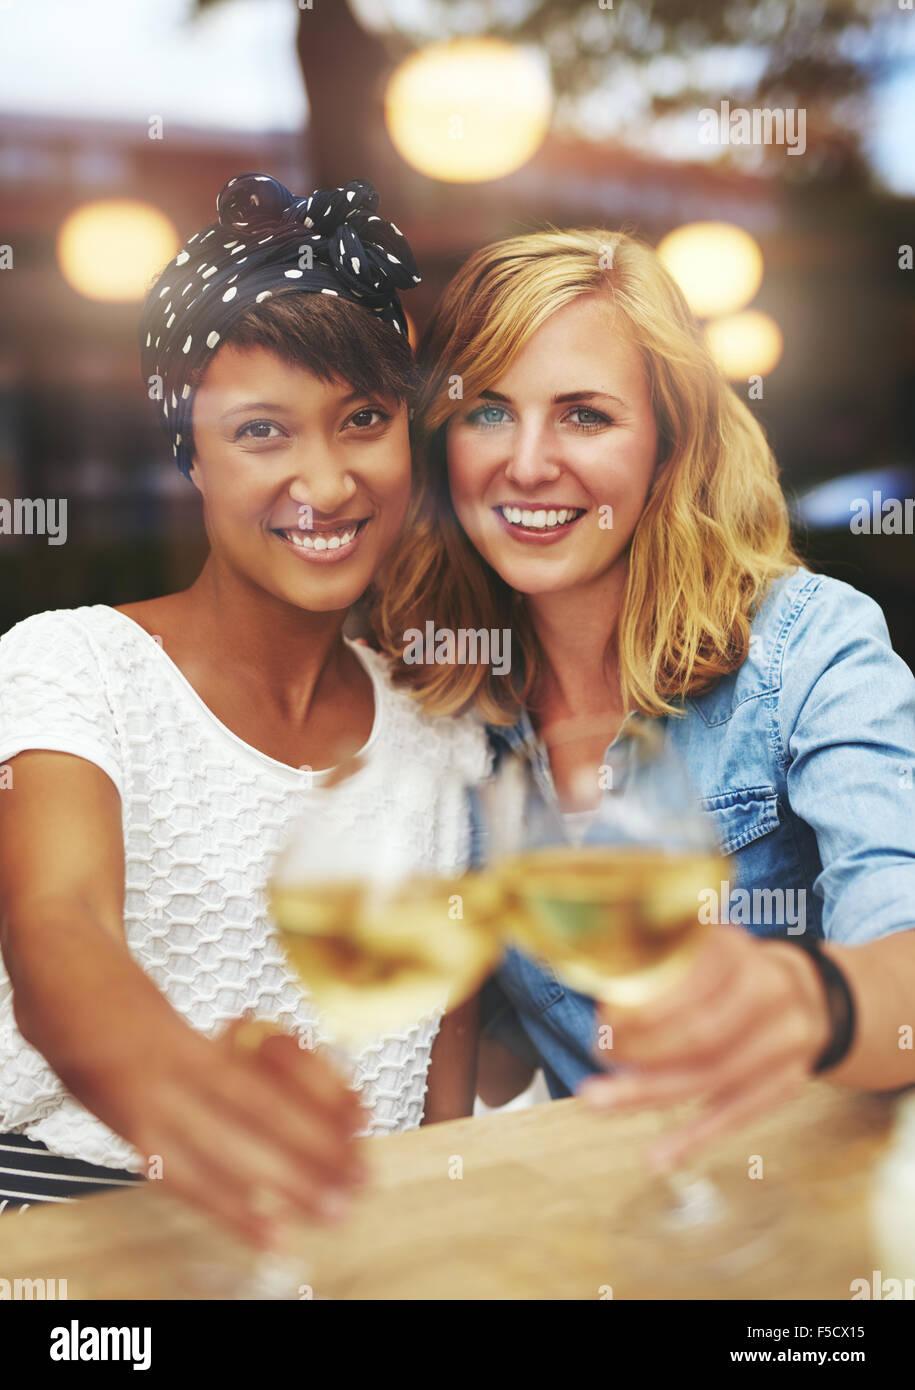 Diversión atractiva amigas jóvenes celebrando con vino blanco tintinea sus copas en un brindis como sonríen Imagen De Stock